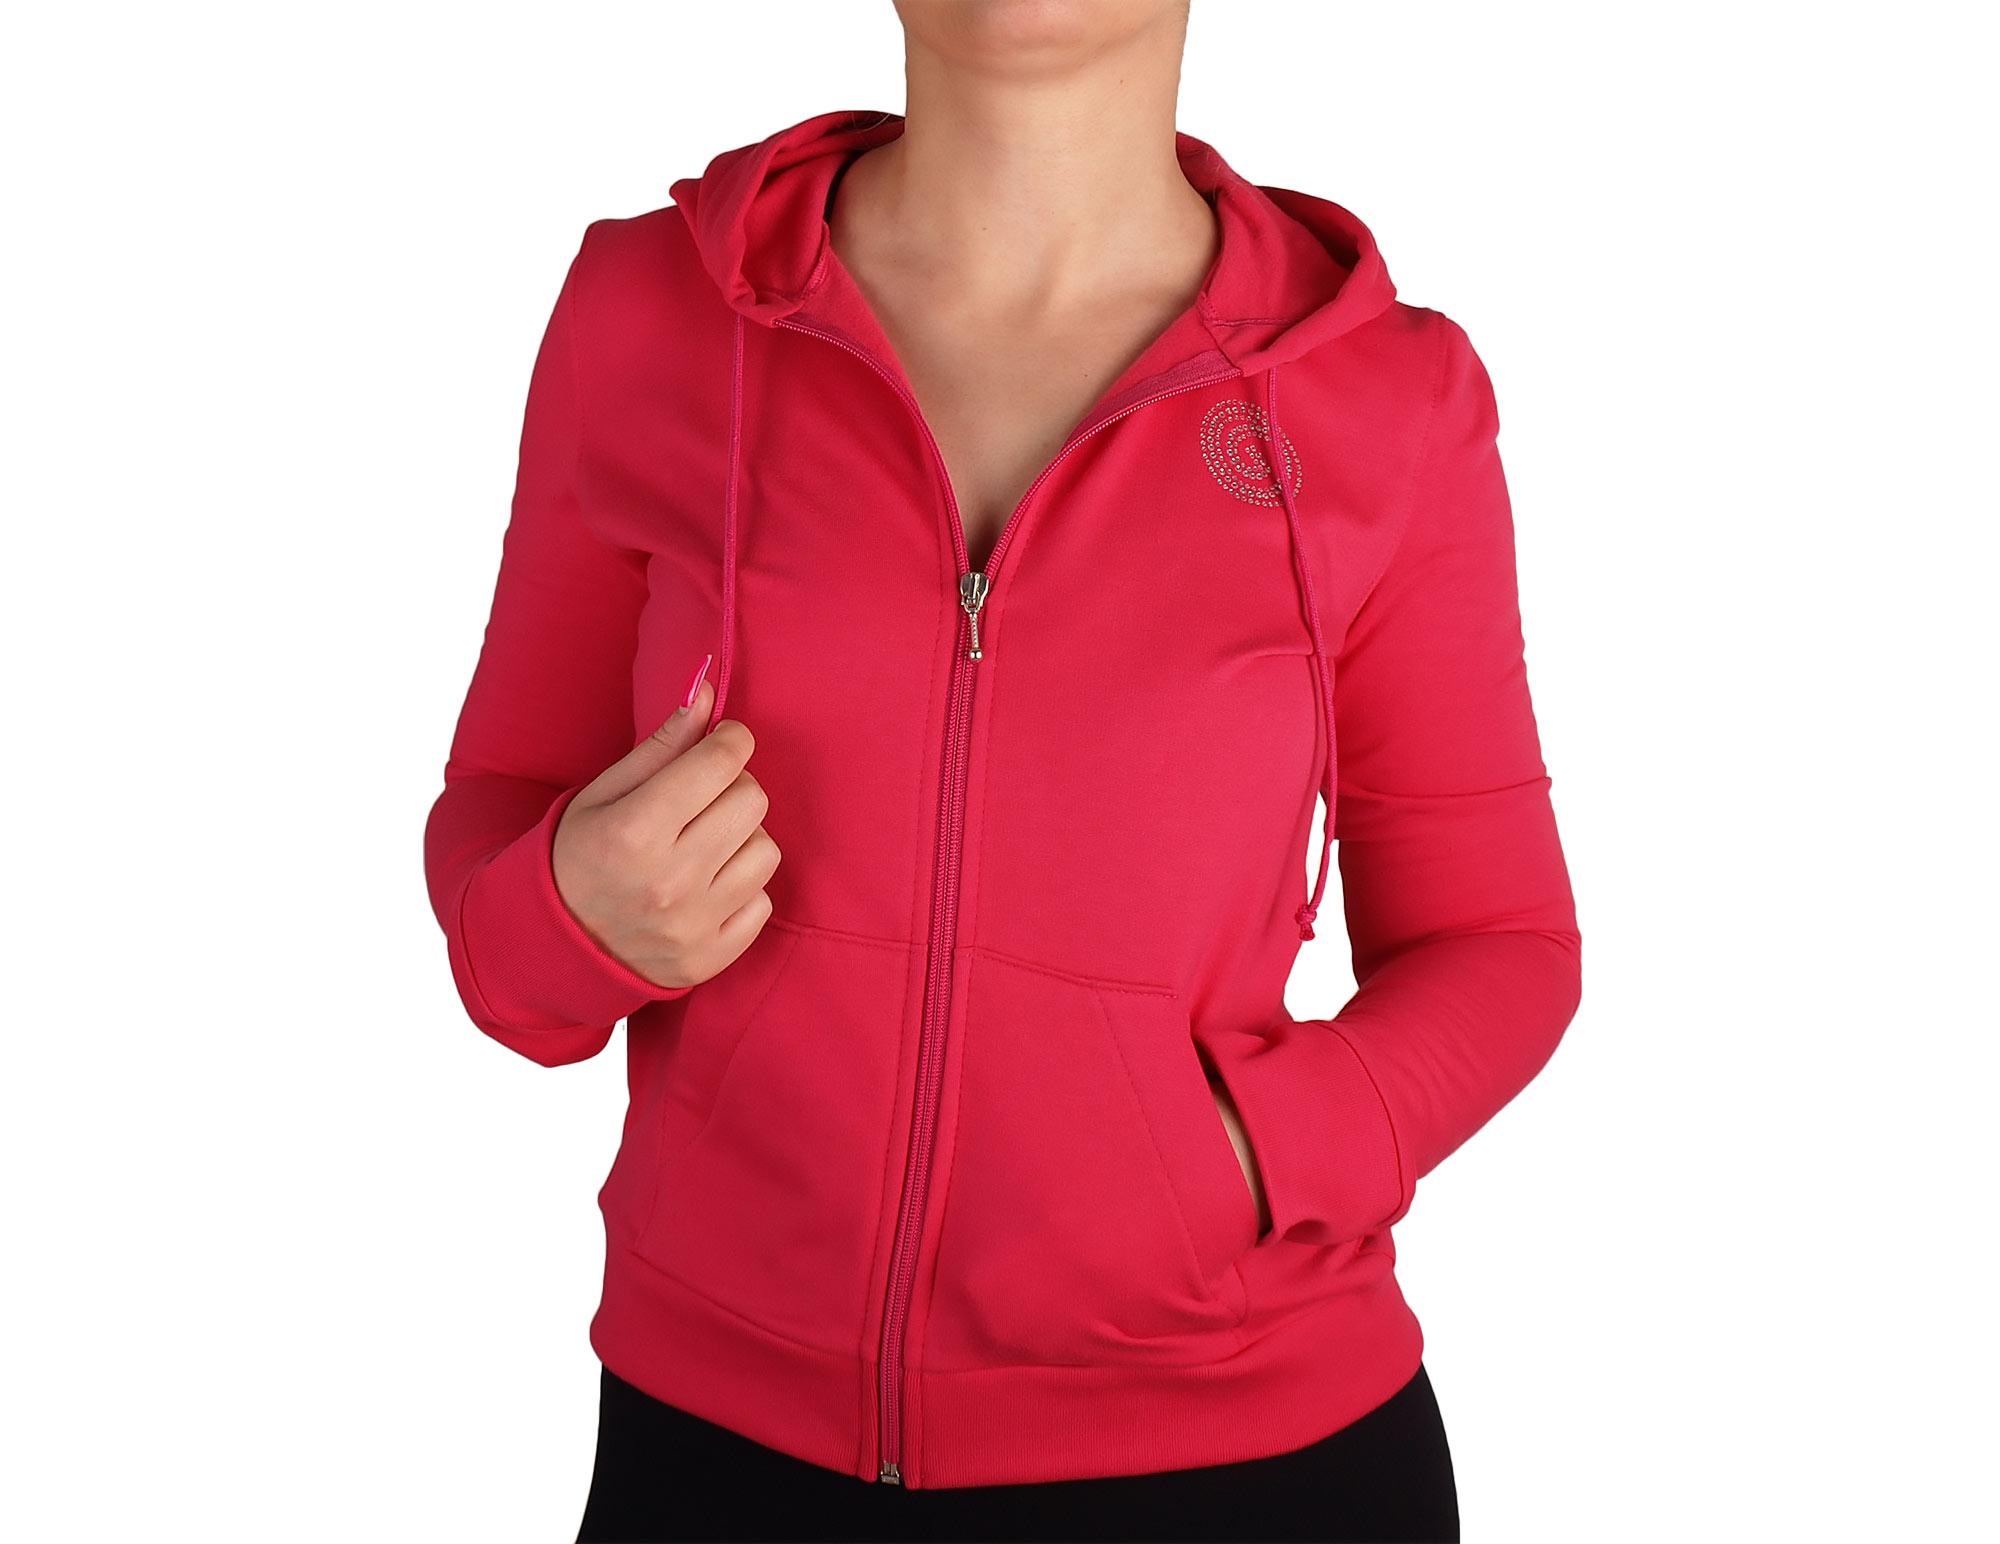 Veste de sport pour femme avec fermeture